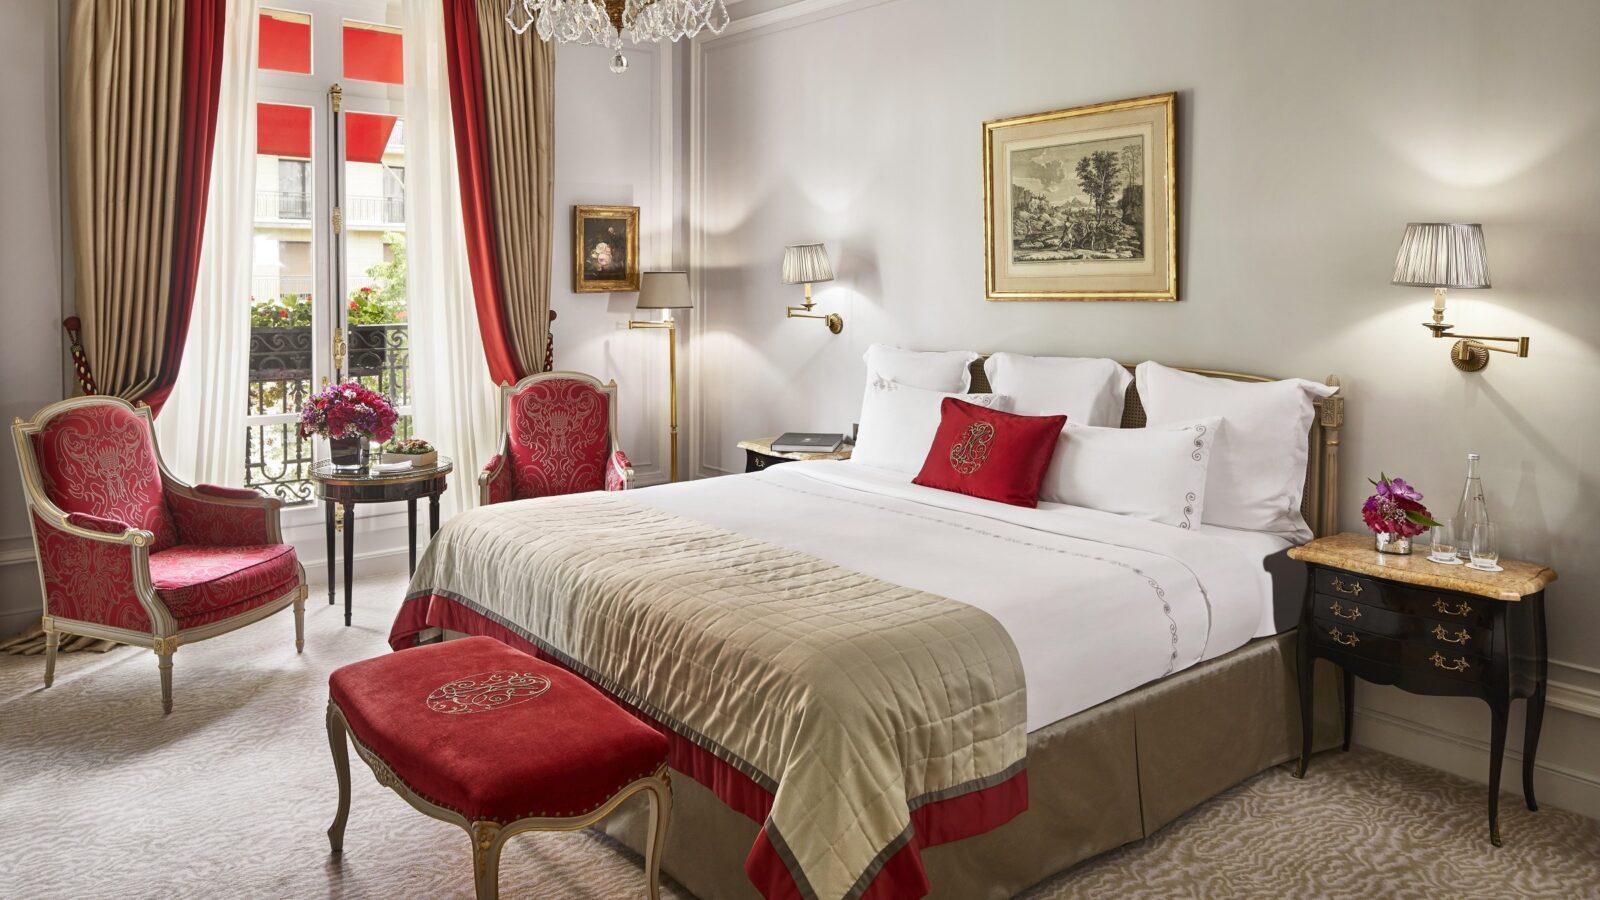 Deluxe Suite at Hôtel Plaza Athénée, Paris